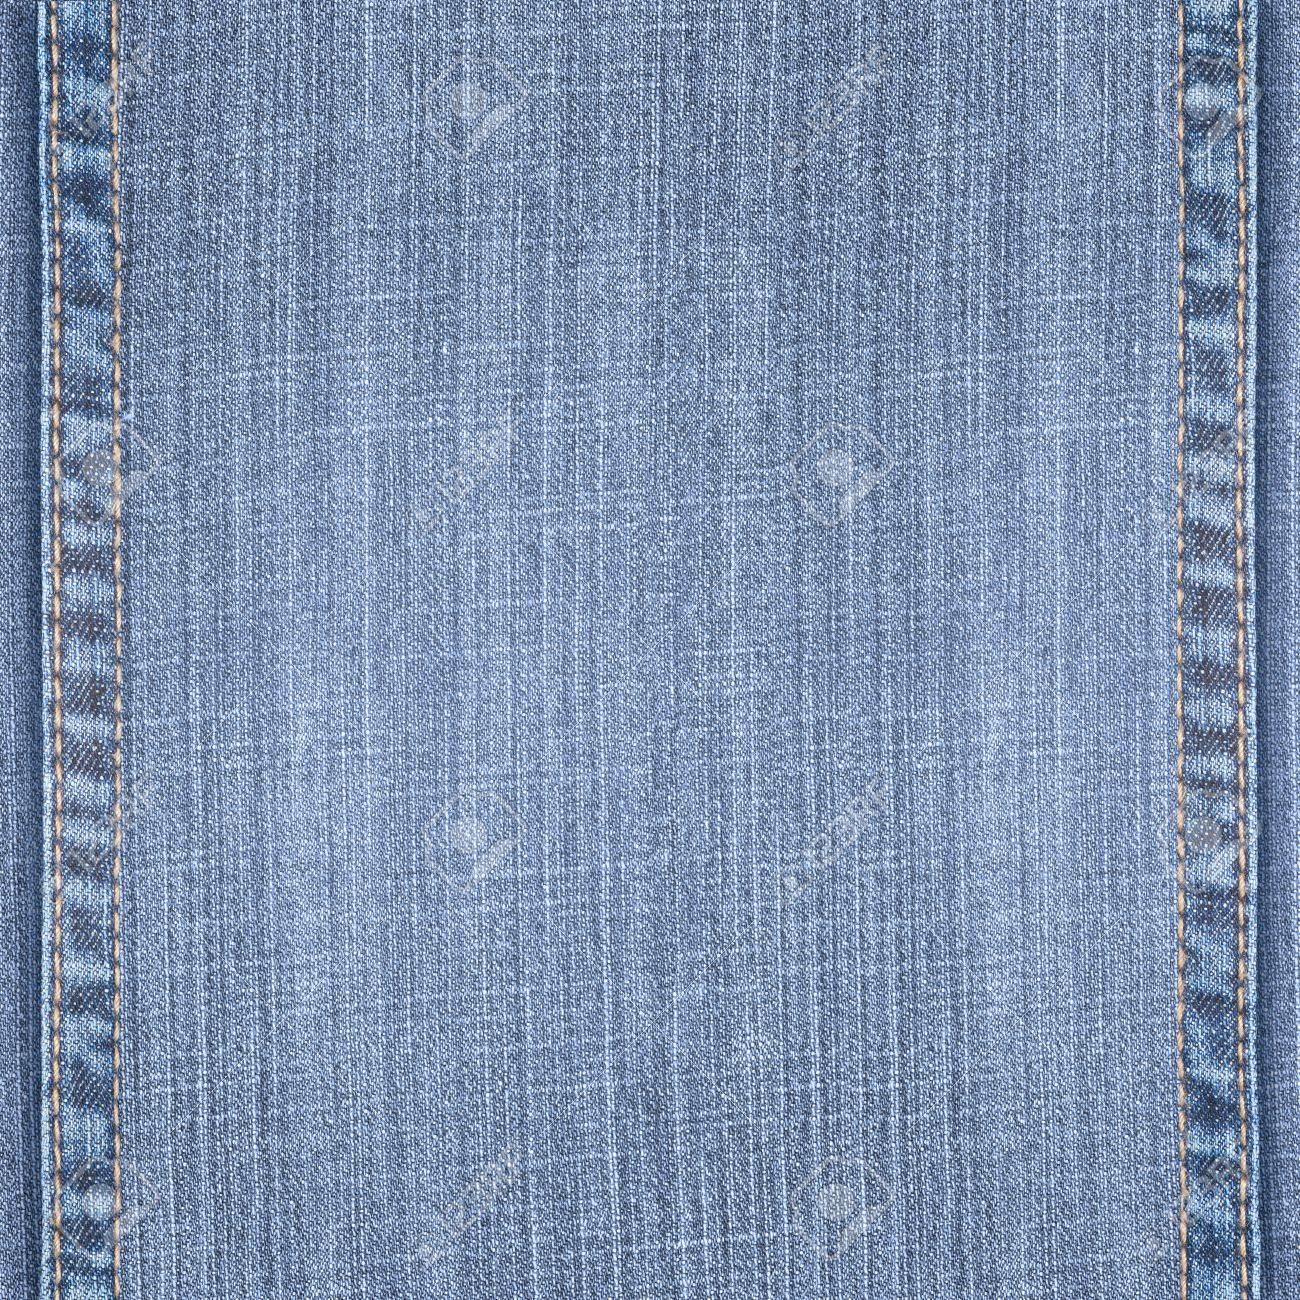 Pantalones Vaqueros Azul Con Costuras O Lona Aspera Textura Fotos Retratos Imagenes Y Fotografia De Archivo Libres De Derecho Image 18284360